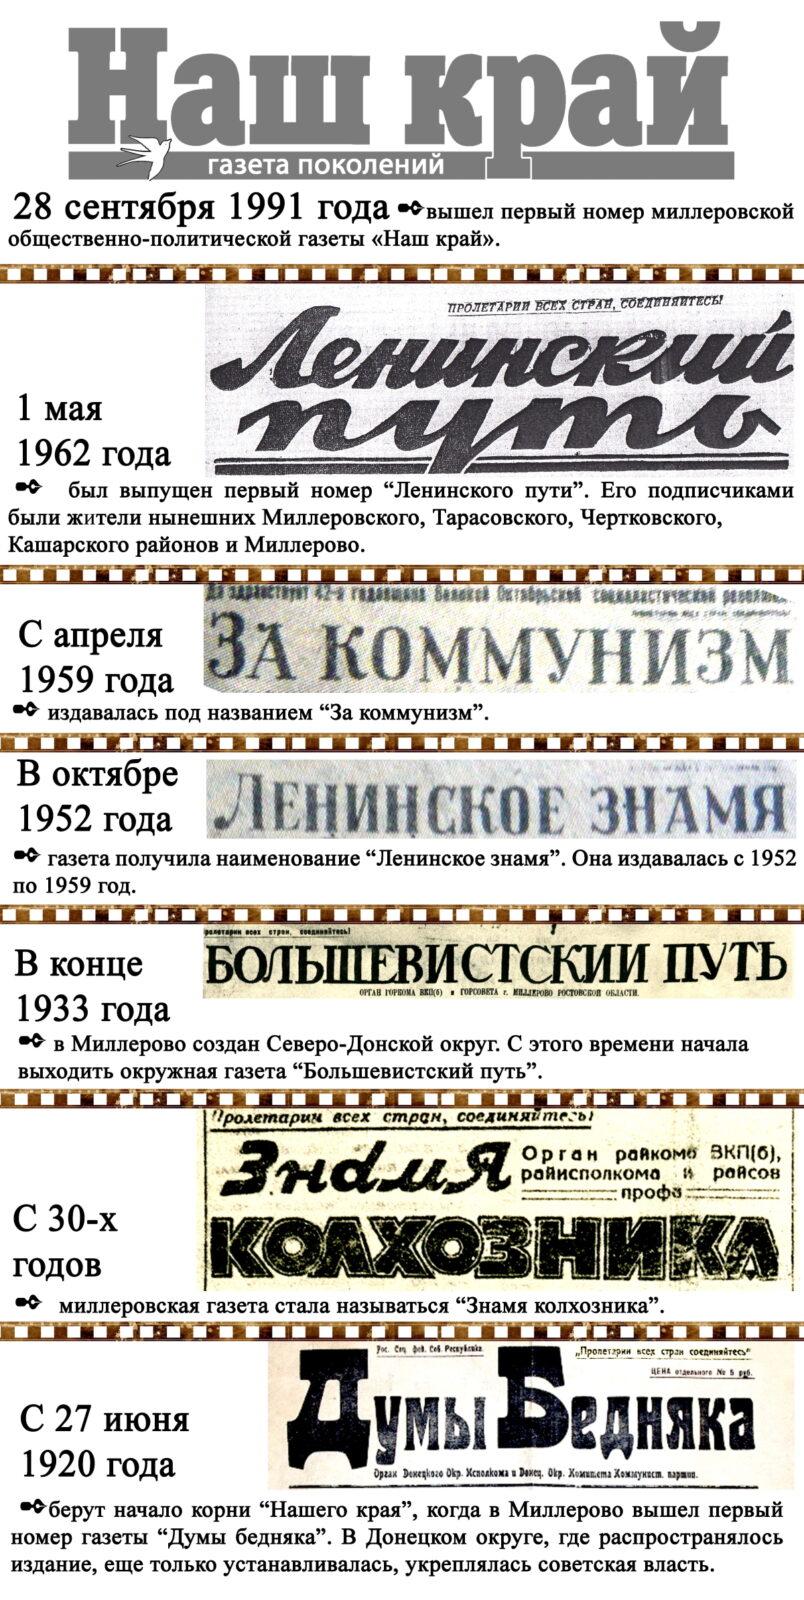 Газете «Наш край» Миллеровского района - 100 лет.